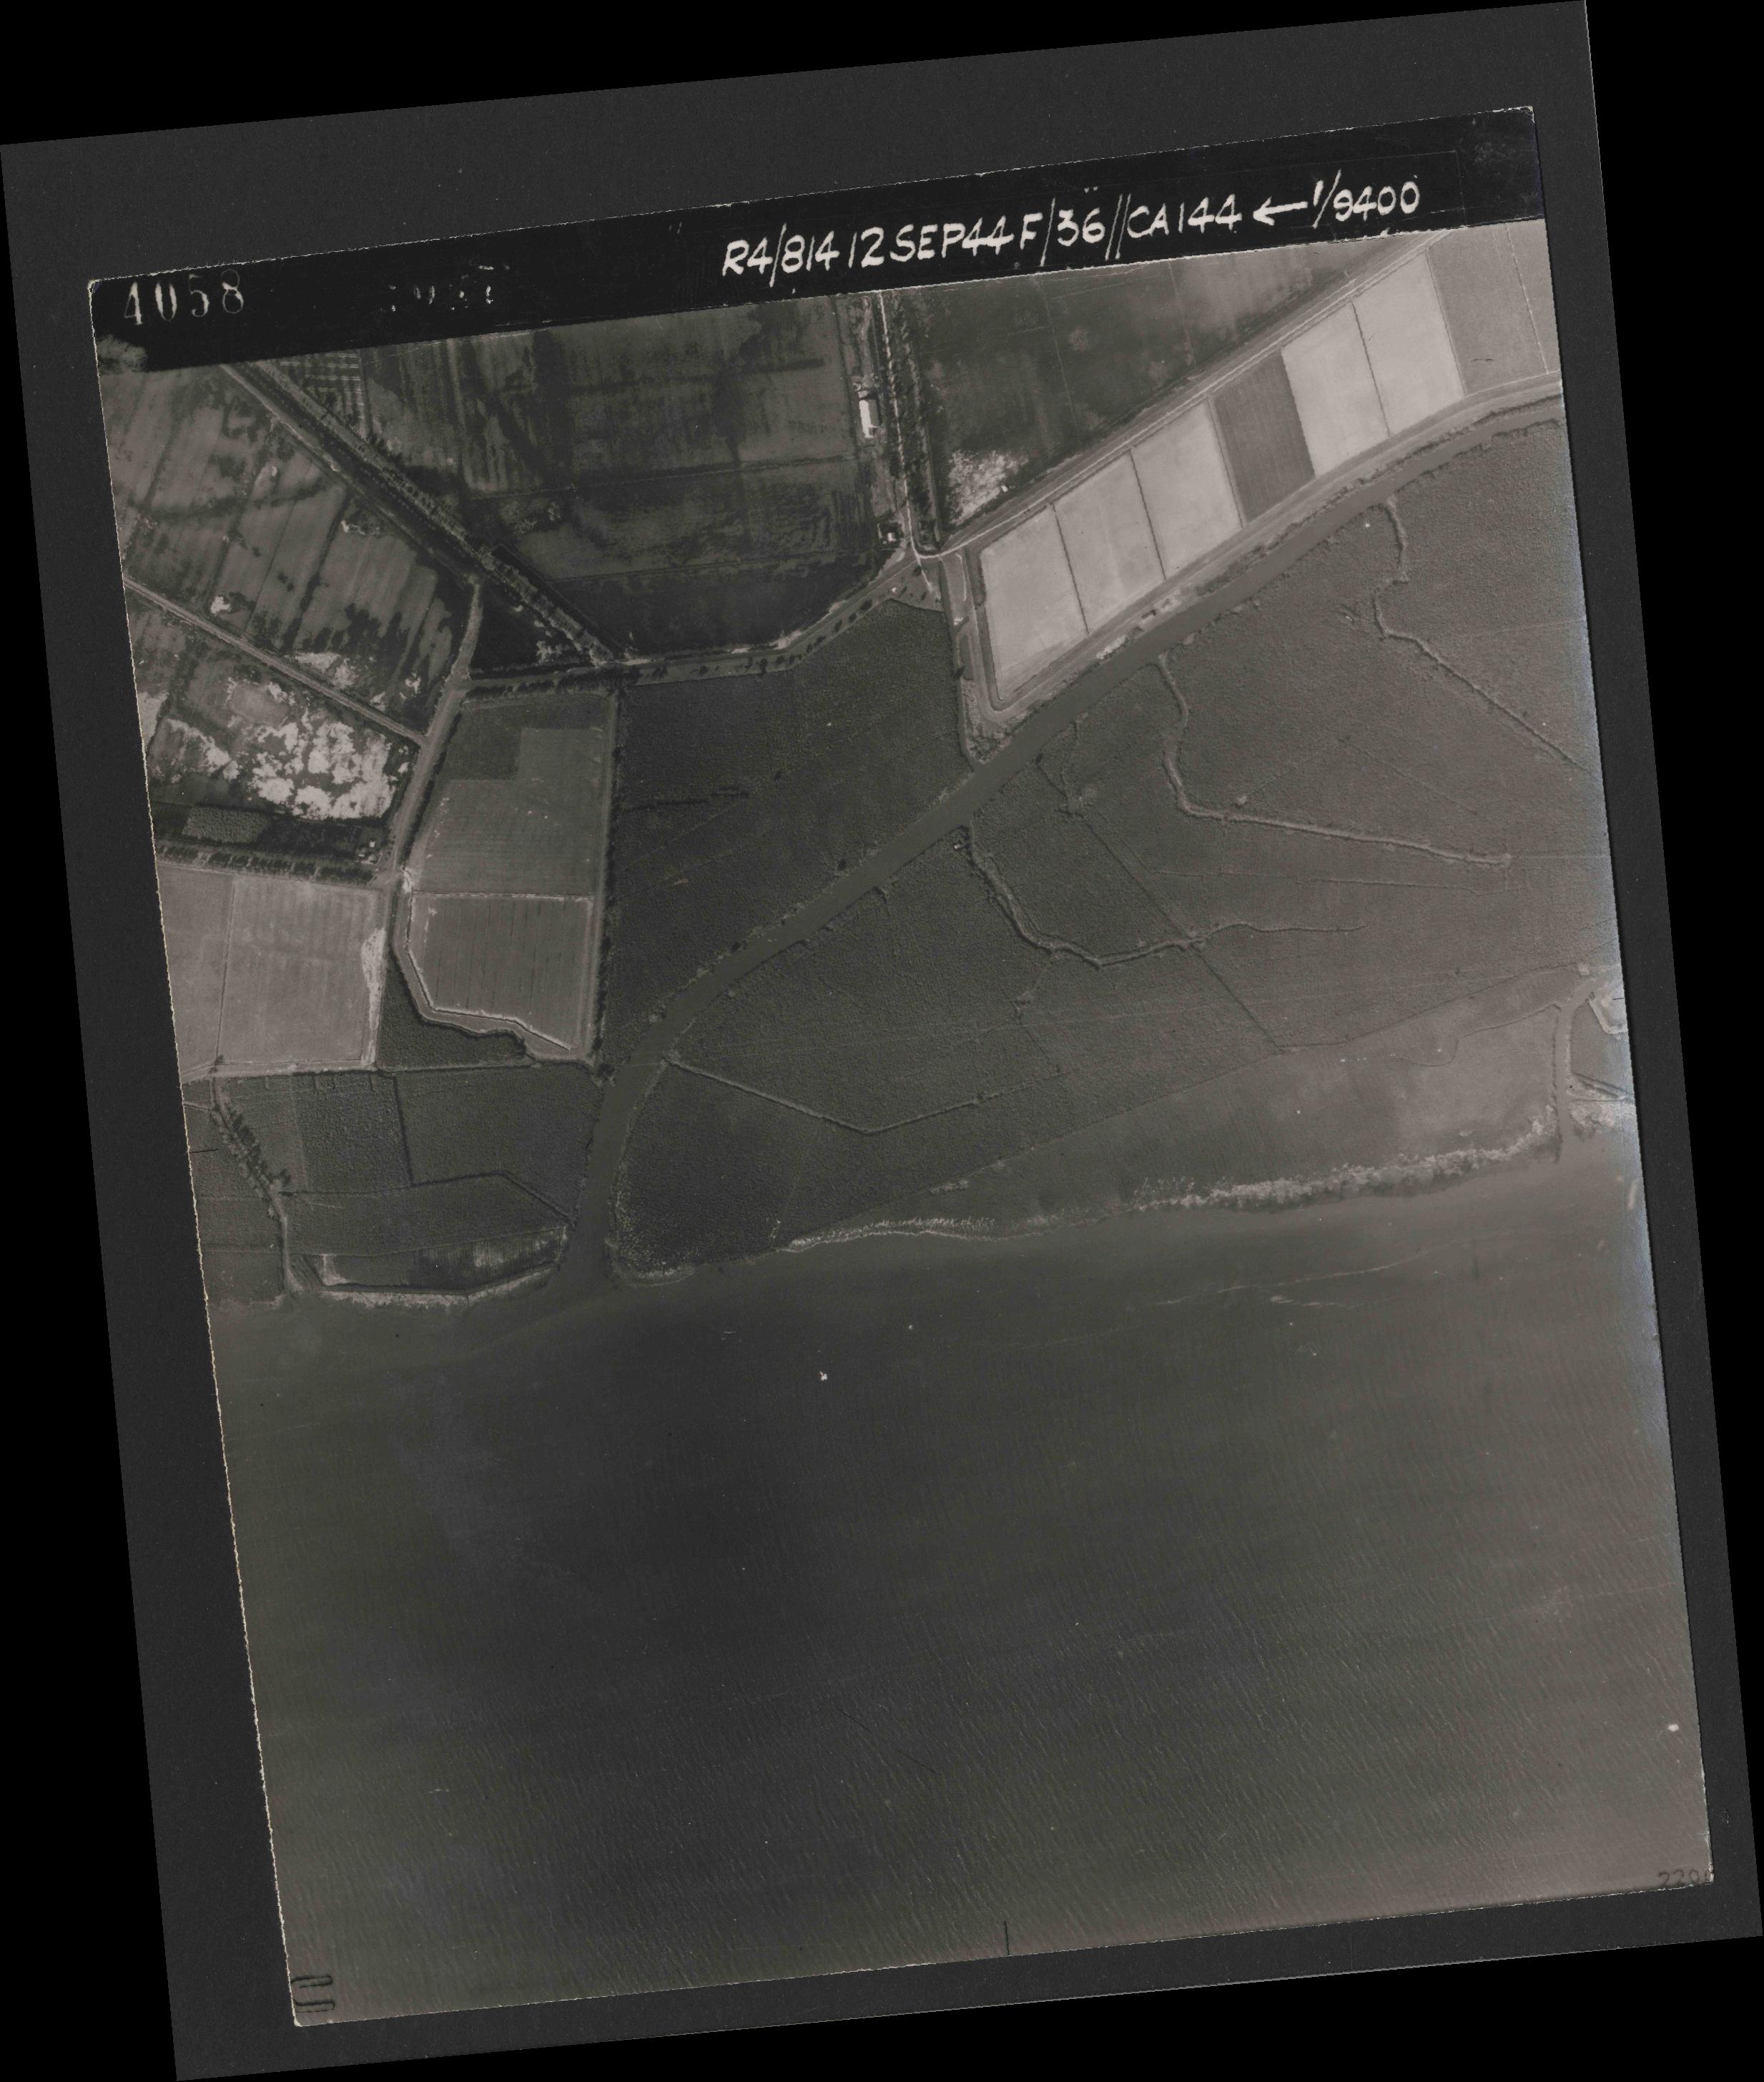 Collection RAF aerial photos 1940-1945 - flight 333, run 02, photo 4058